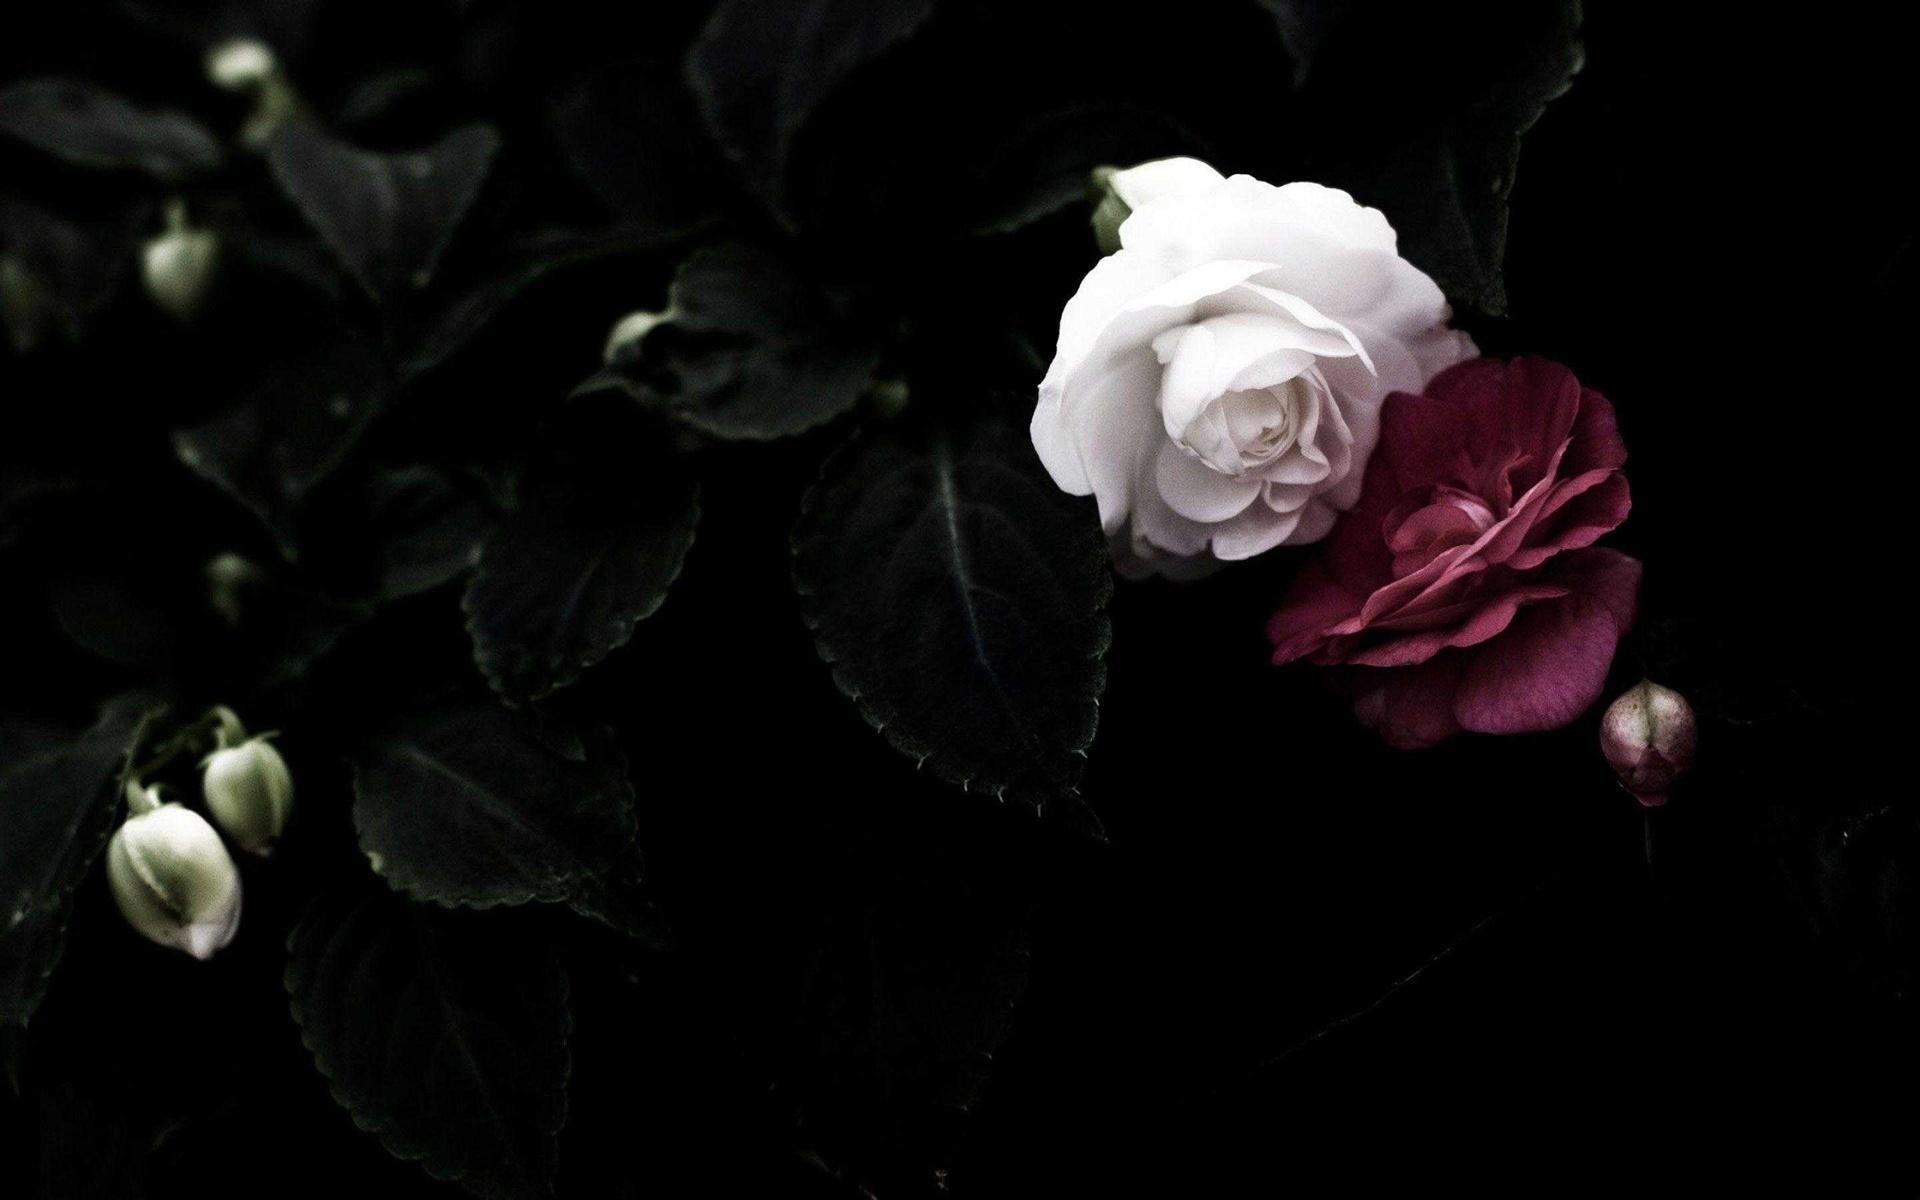 Hoa hồng luôn nằm trong top hình nền về hoa